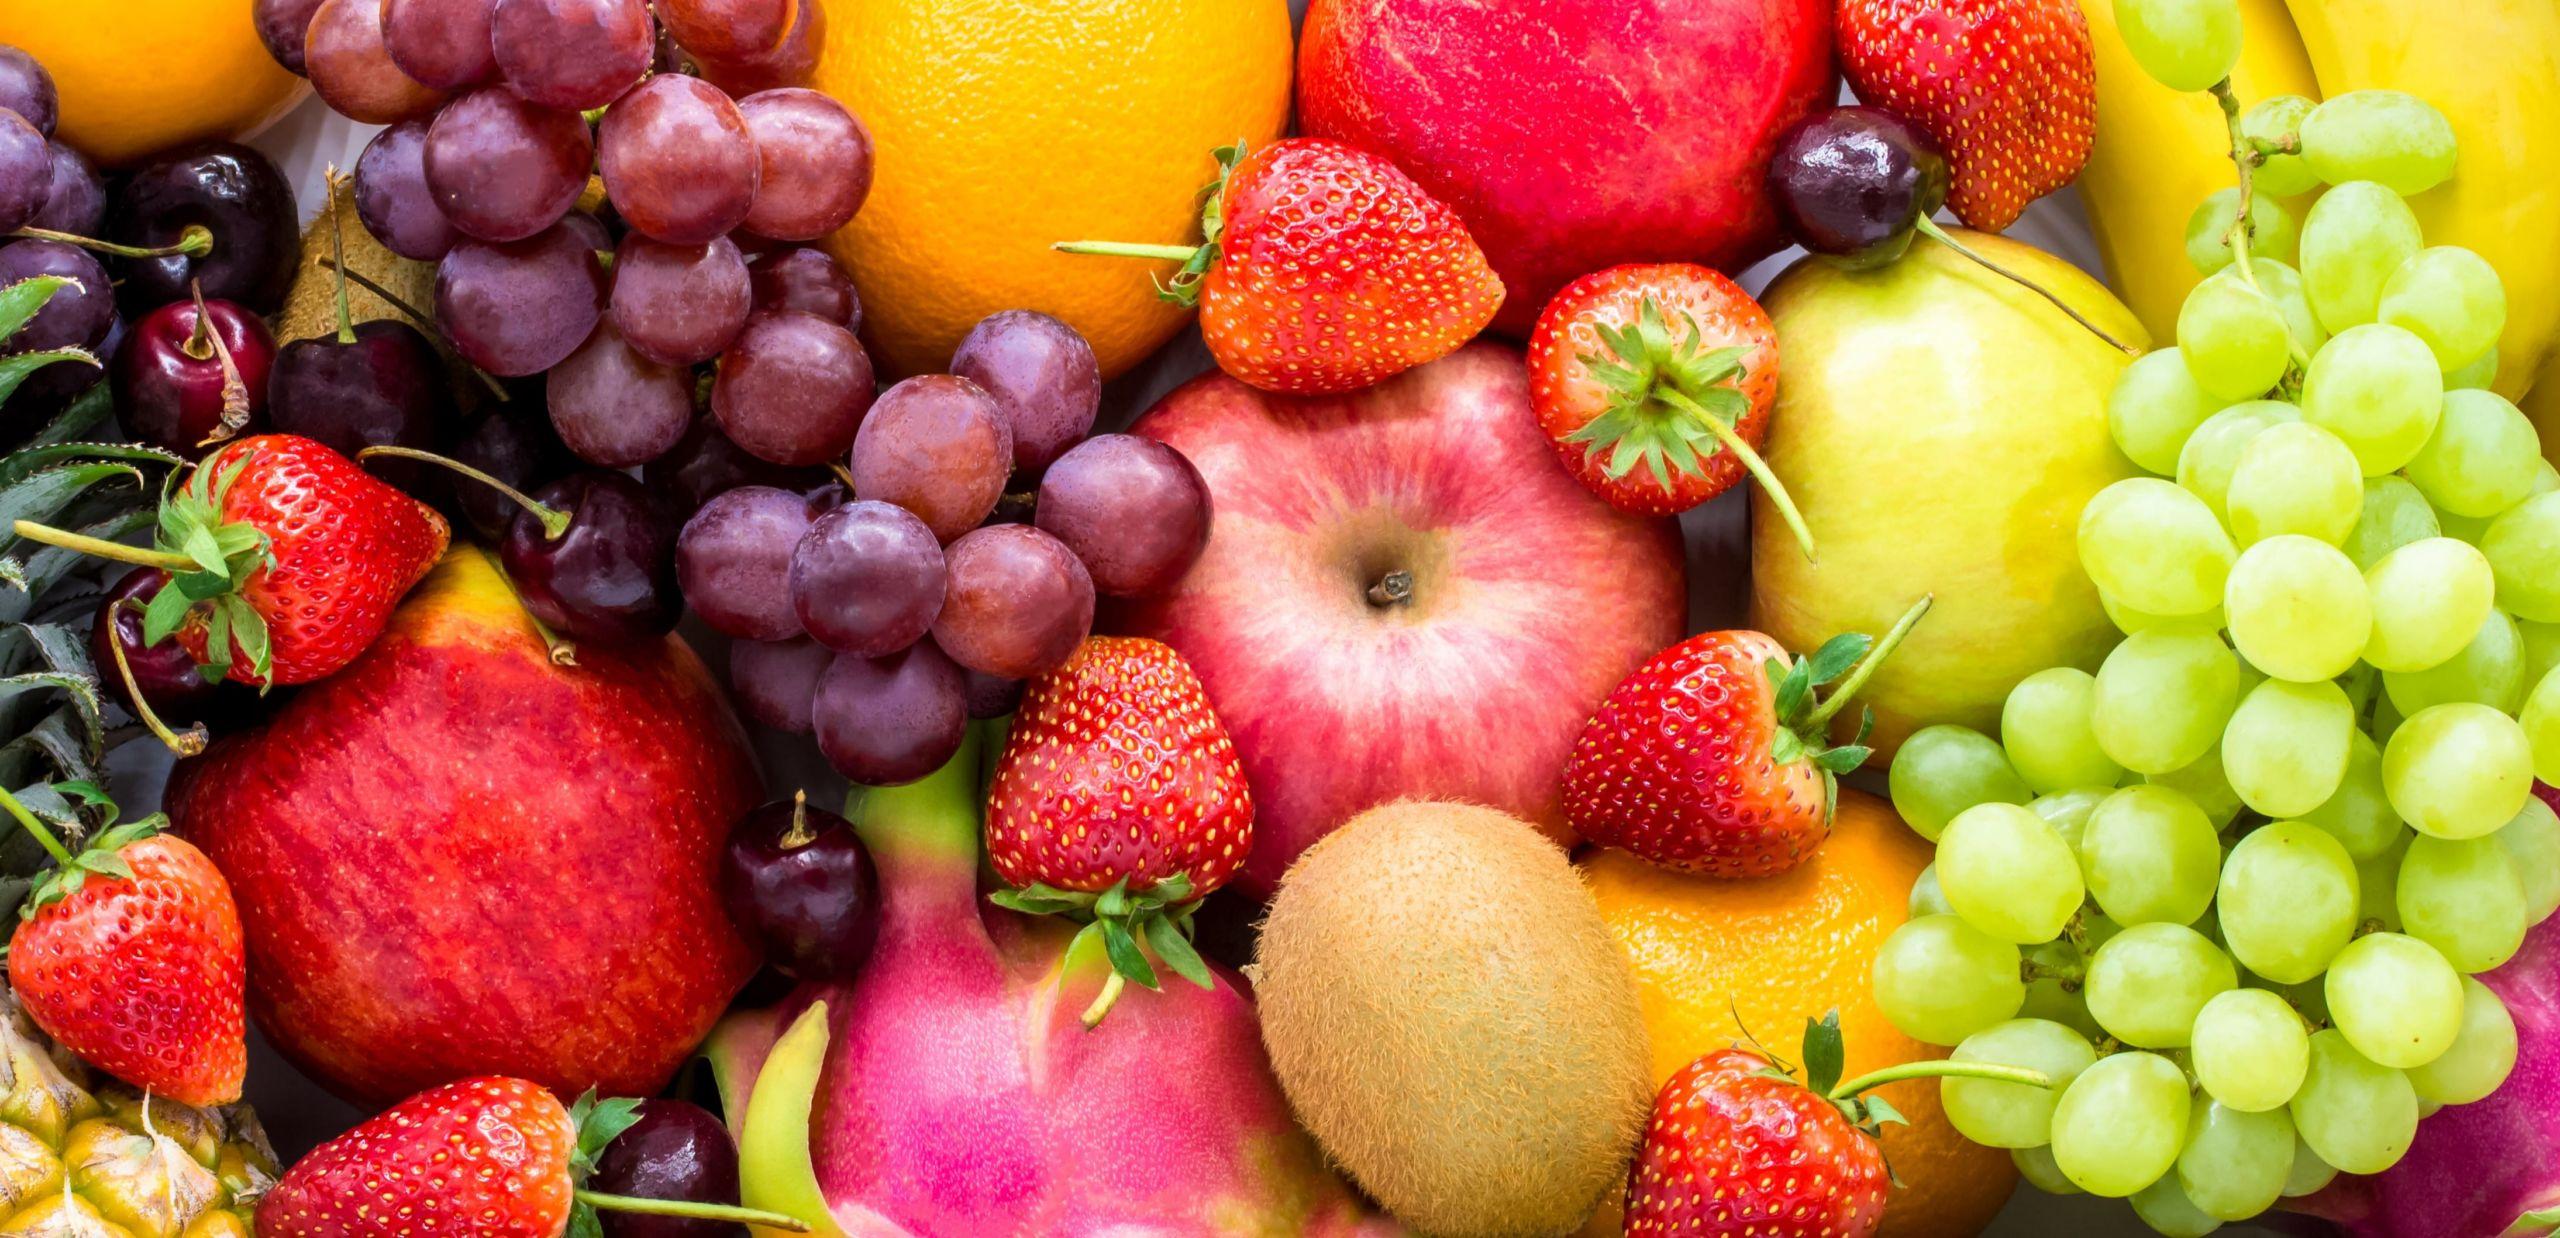 Fruttosio in frutta, miele, vino, verdura